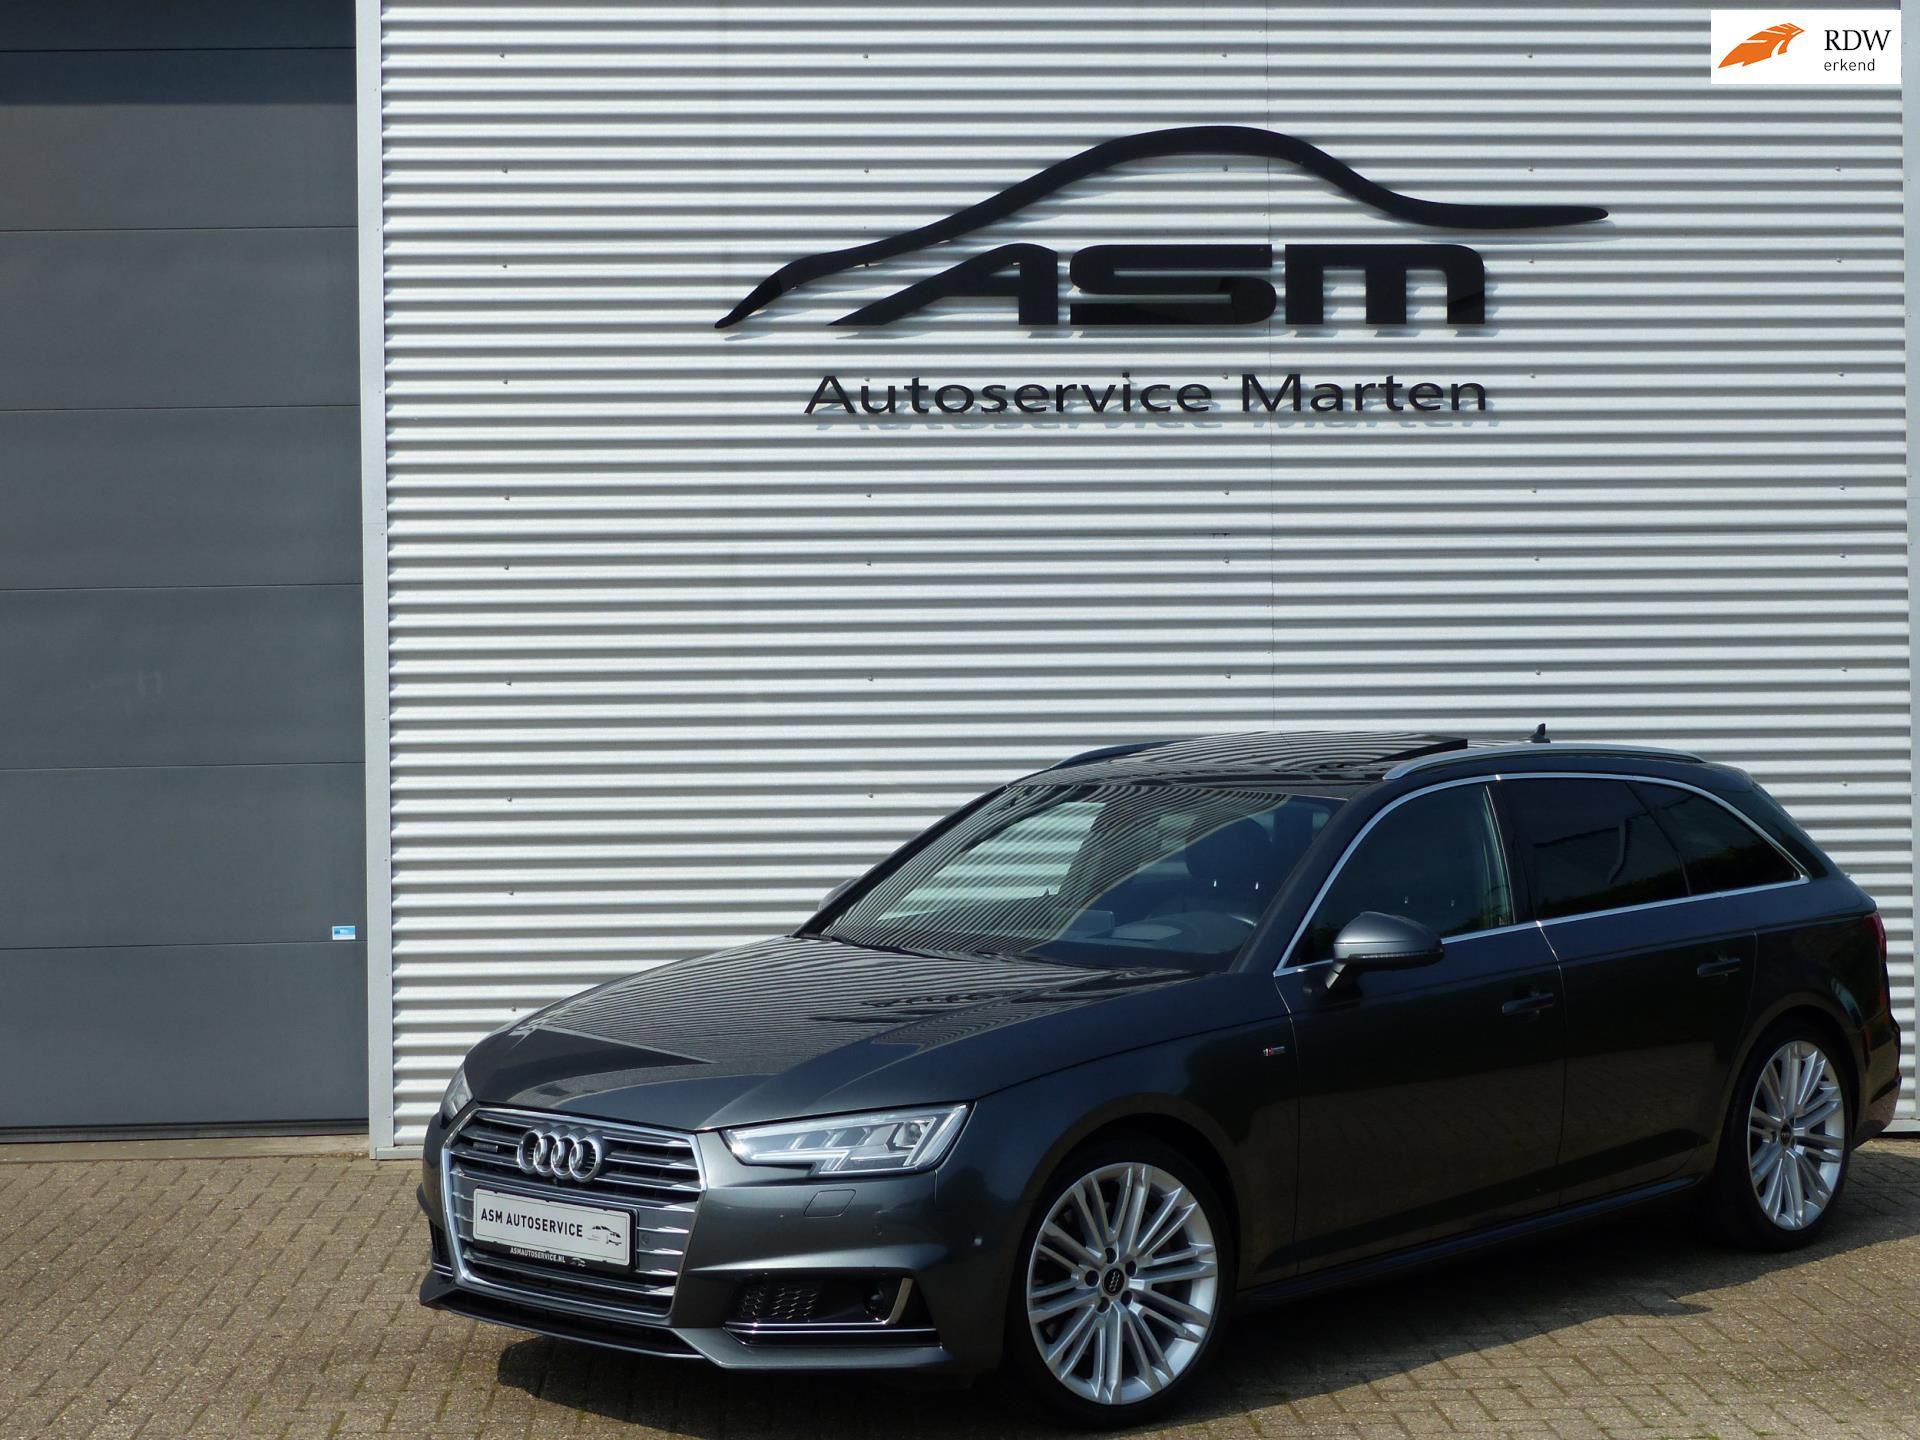 Audi A4 Avant occasion - ASM Autoservice Marten